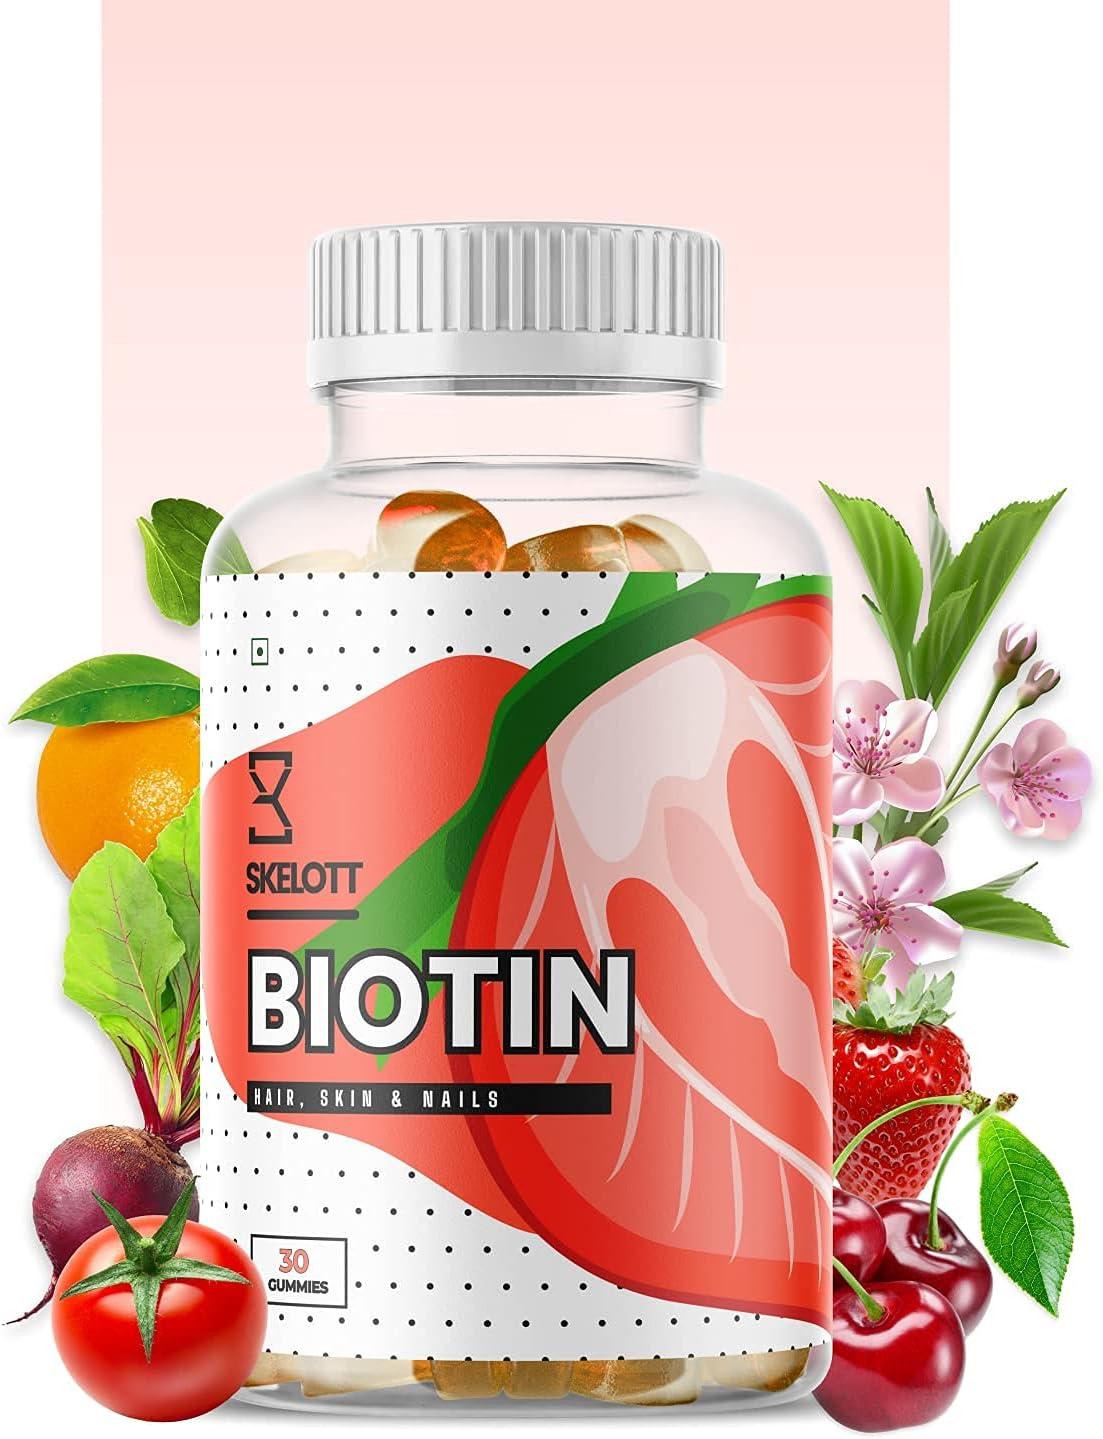 24 Karat lowest price Skelott Biotin Gummies Skin for Hair Growth Glowing New popularity